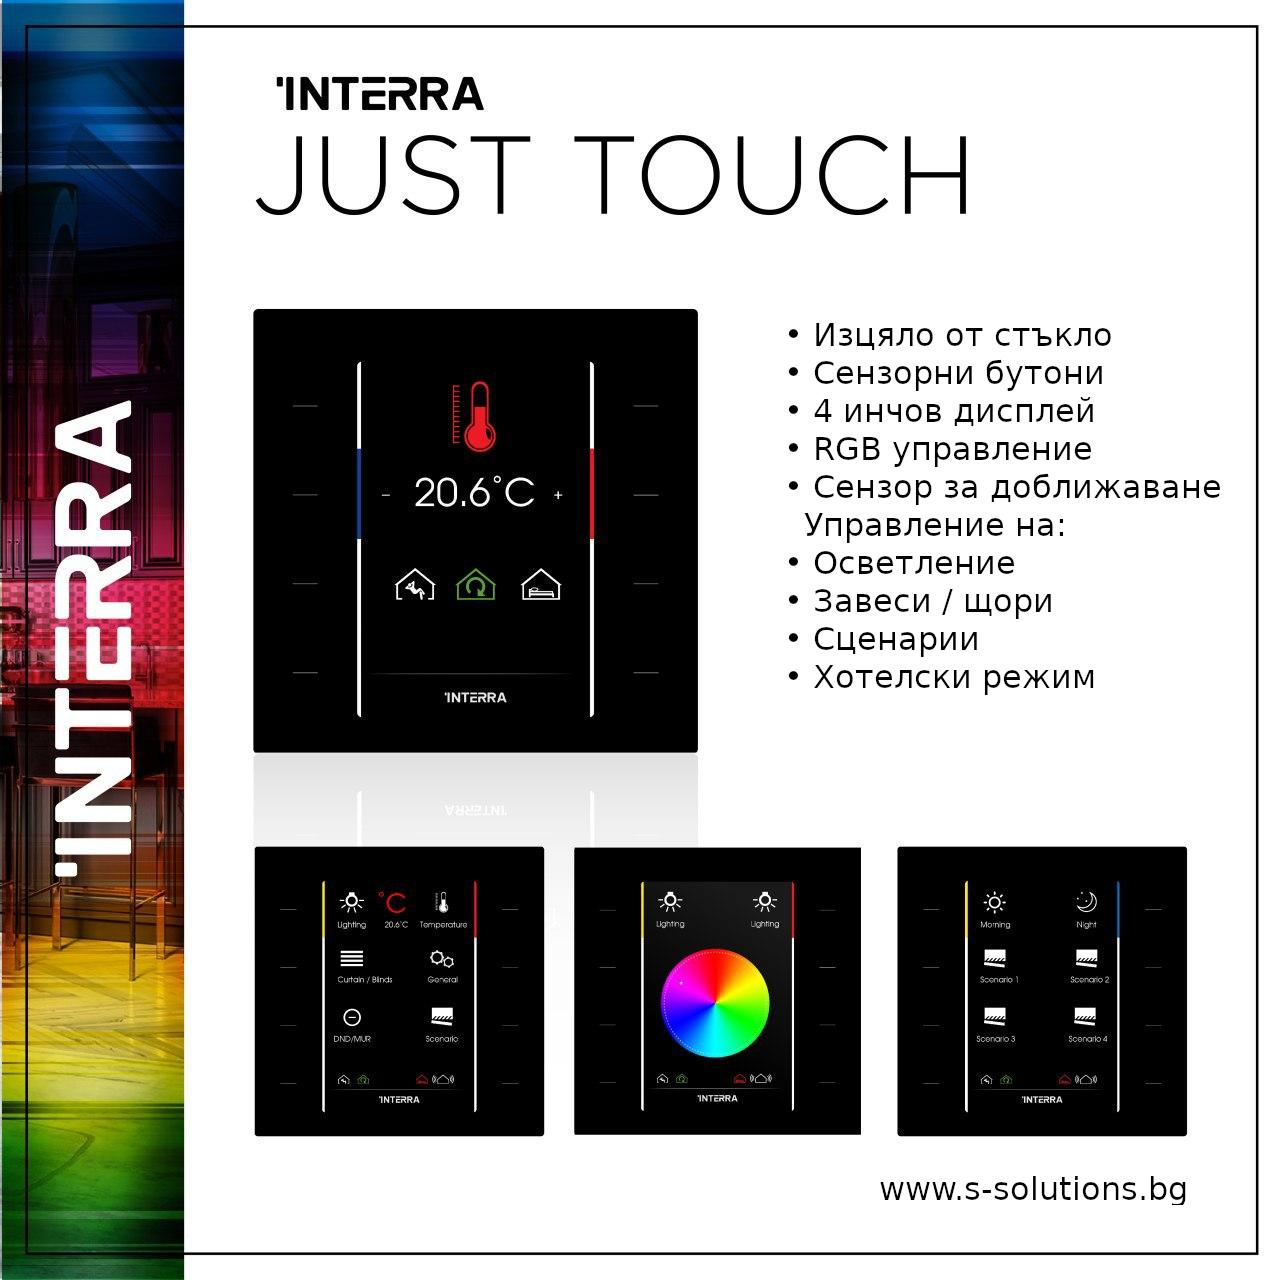 Interra Just touch